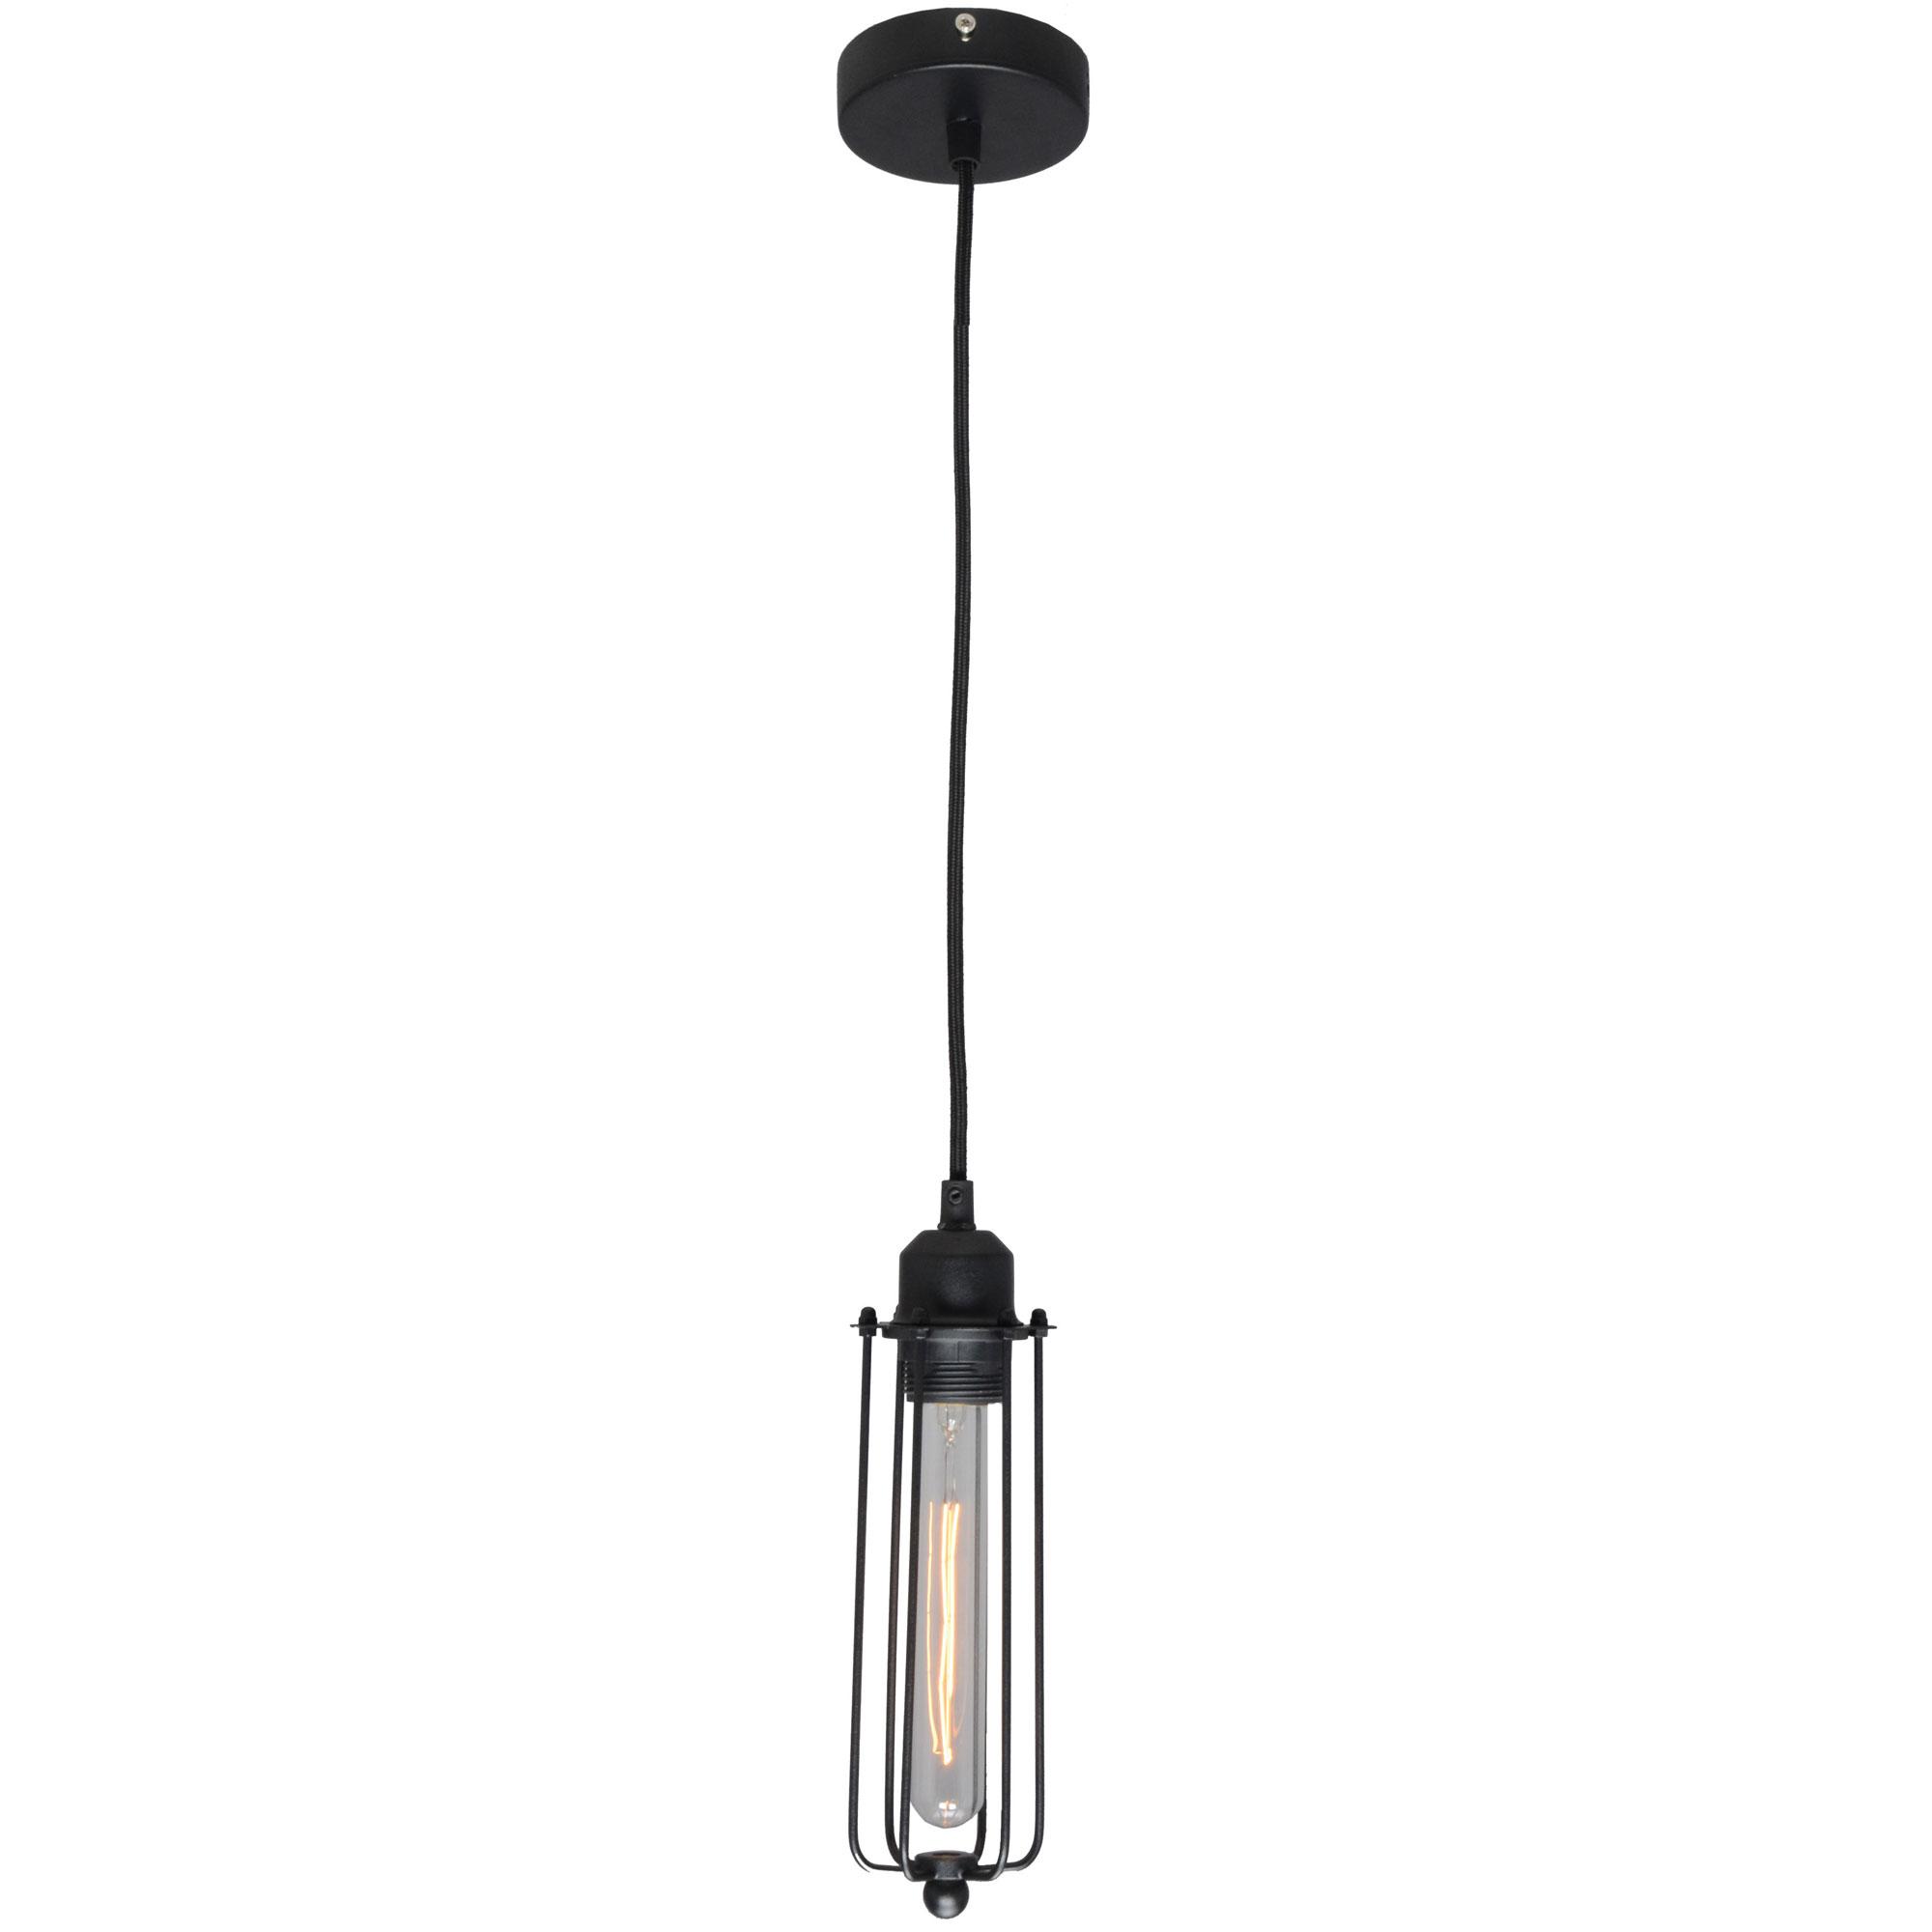 Светильник подвесной Loft Lsp-9608 itr9608 9608 dip 4